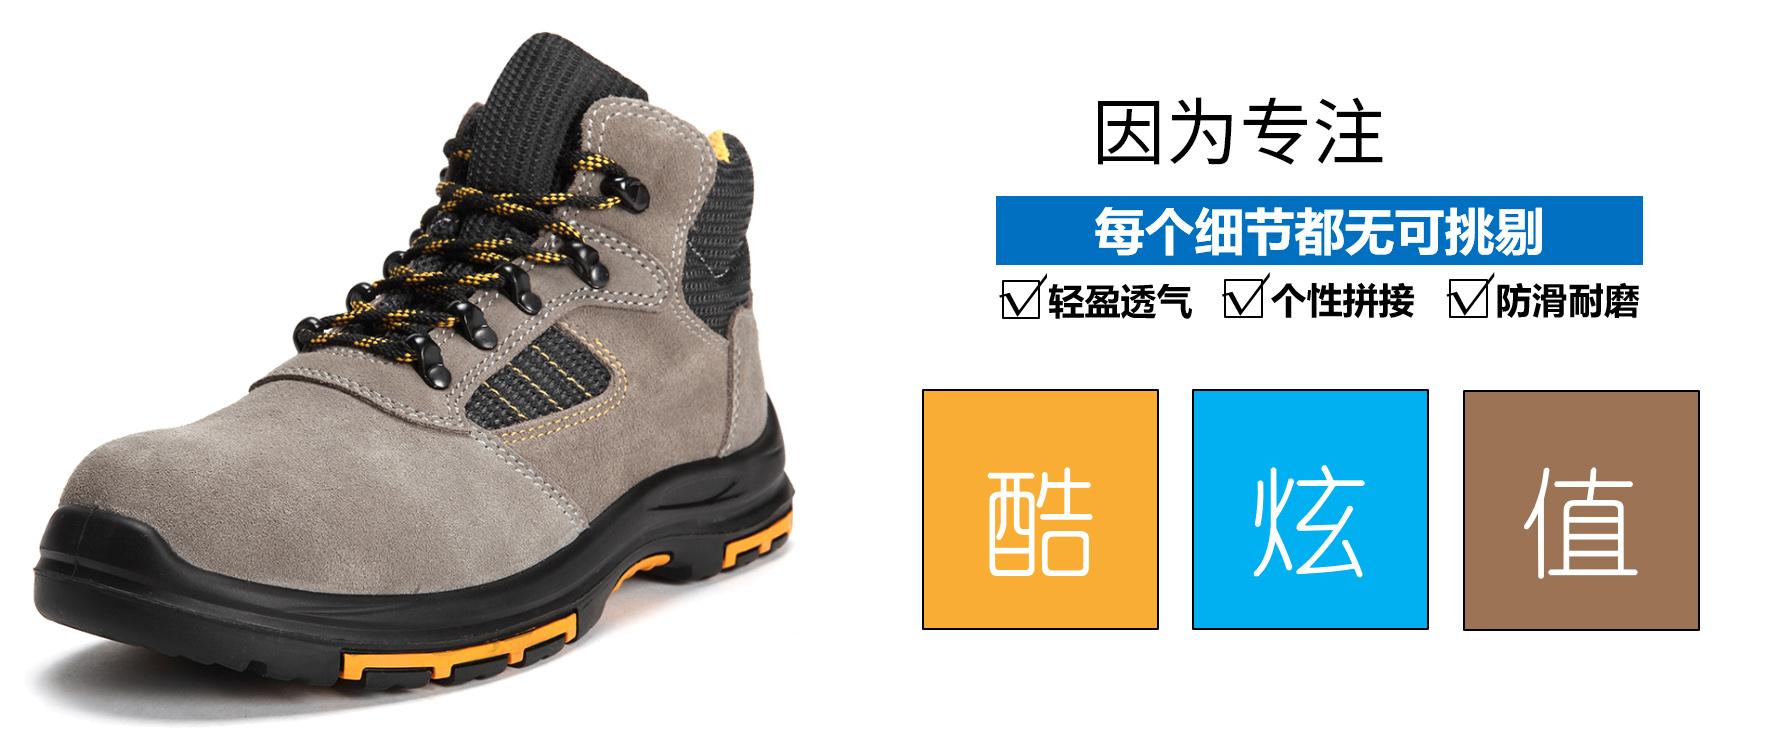 吉豹X5115S橡胶PU安全鞋